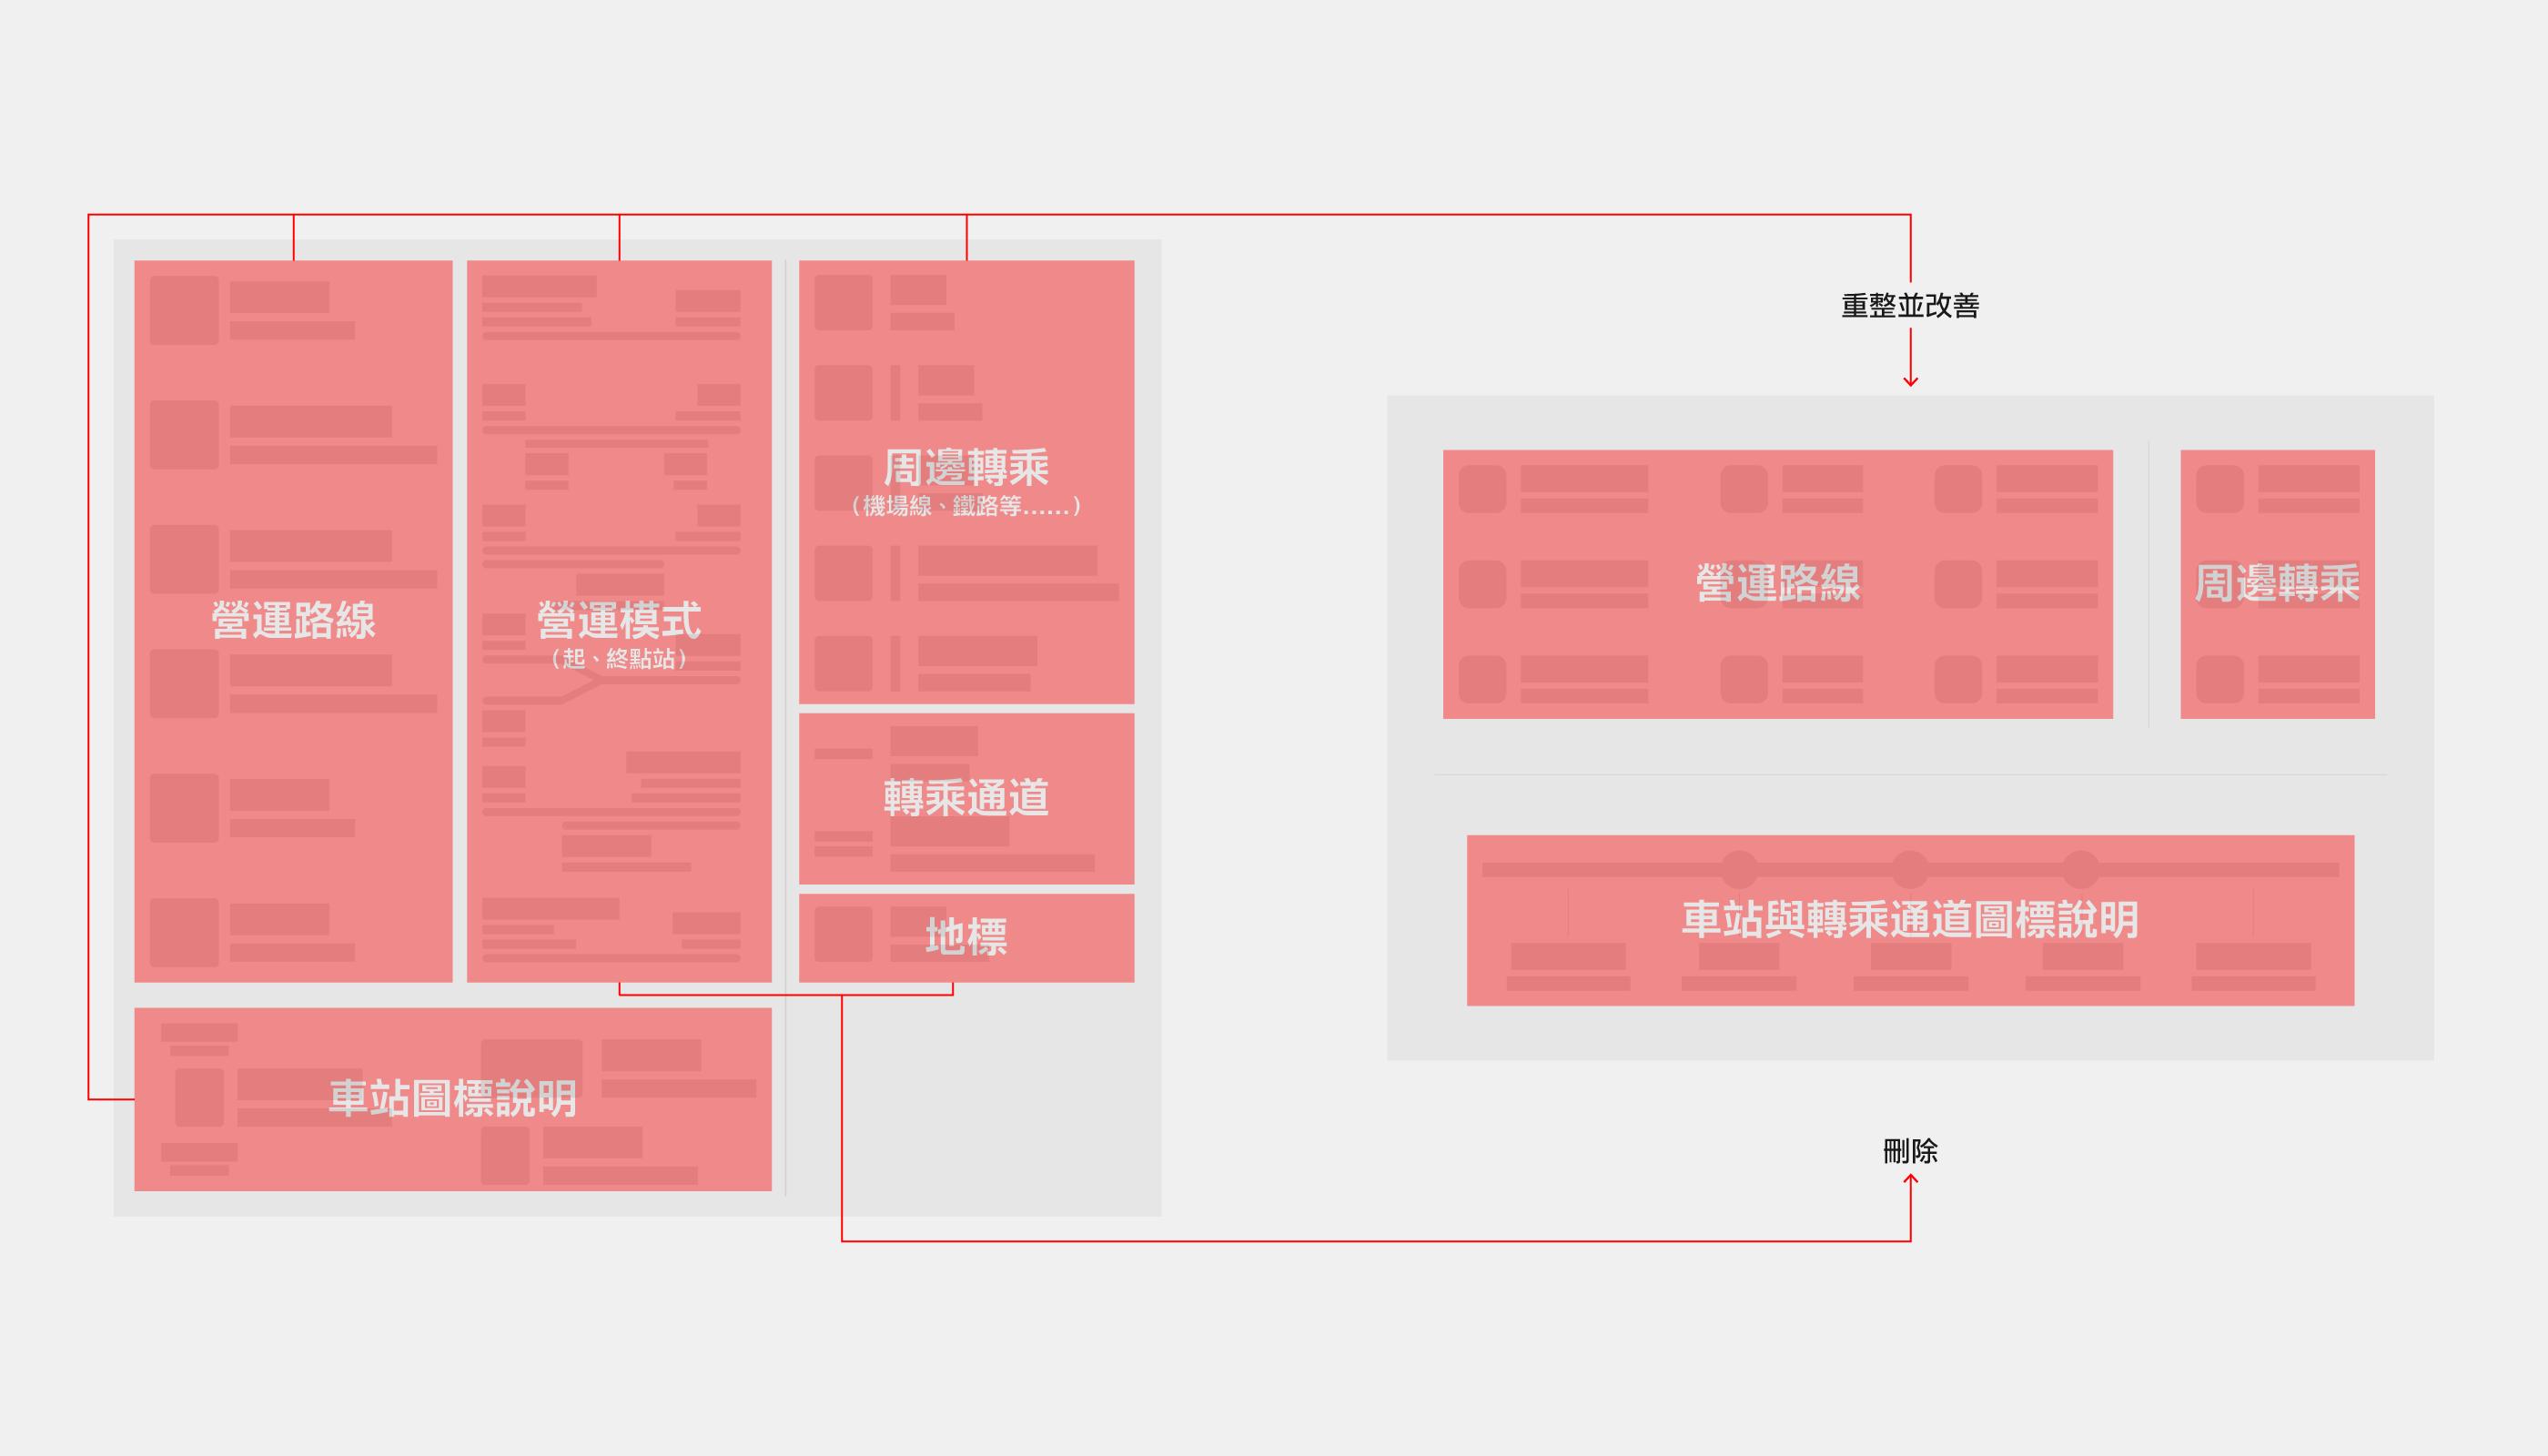 新舊版本中的圖例資訊分類